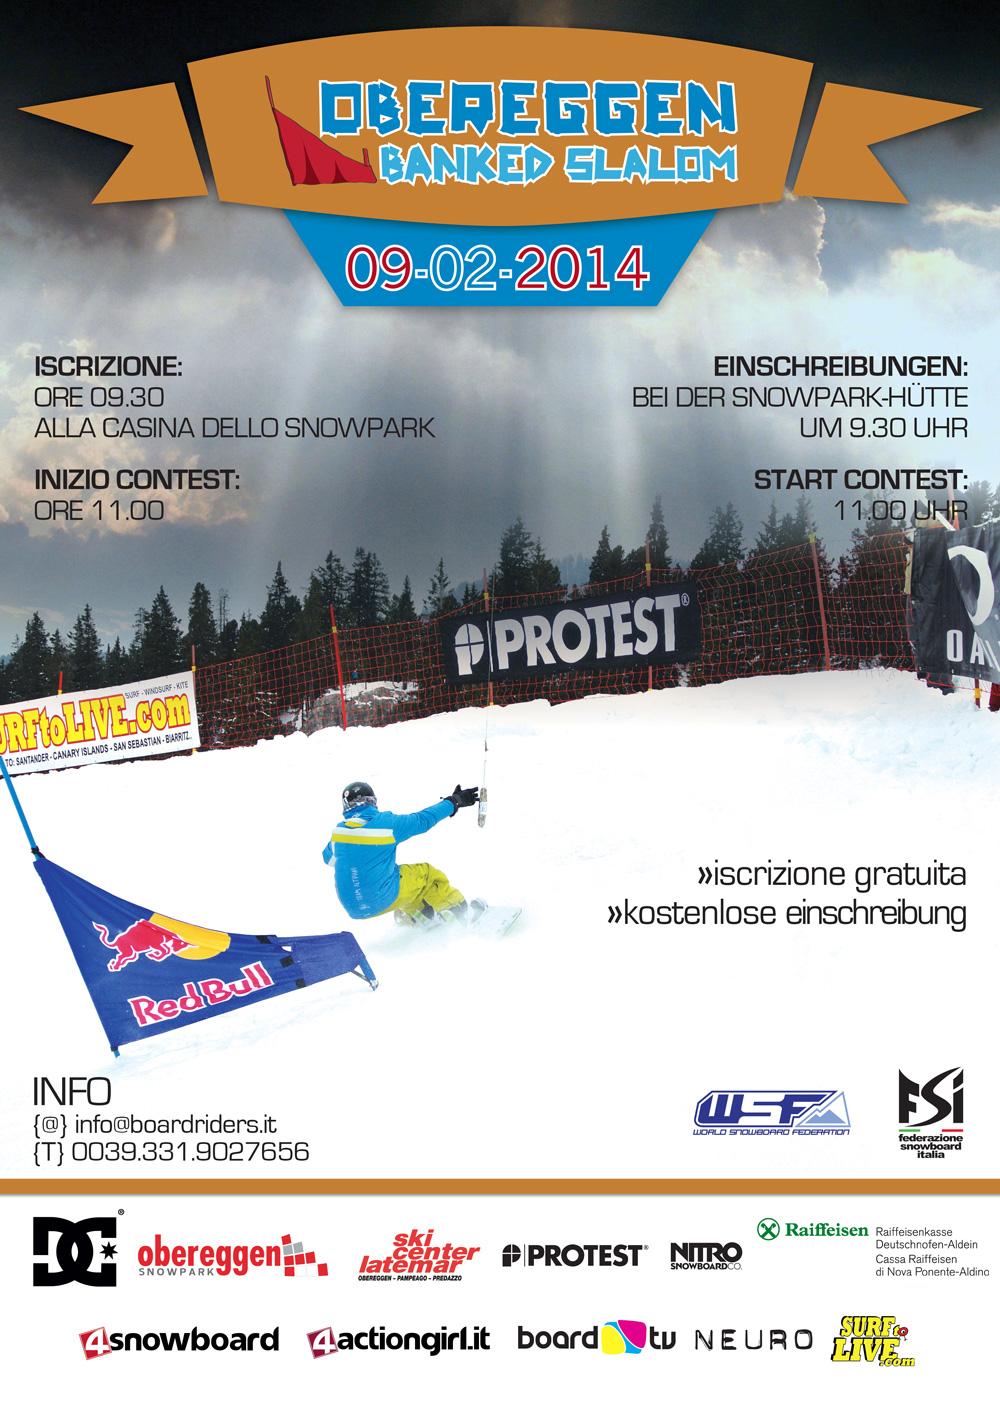 Banked_Slalom_2014